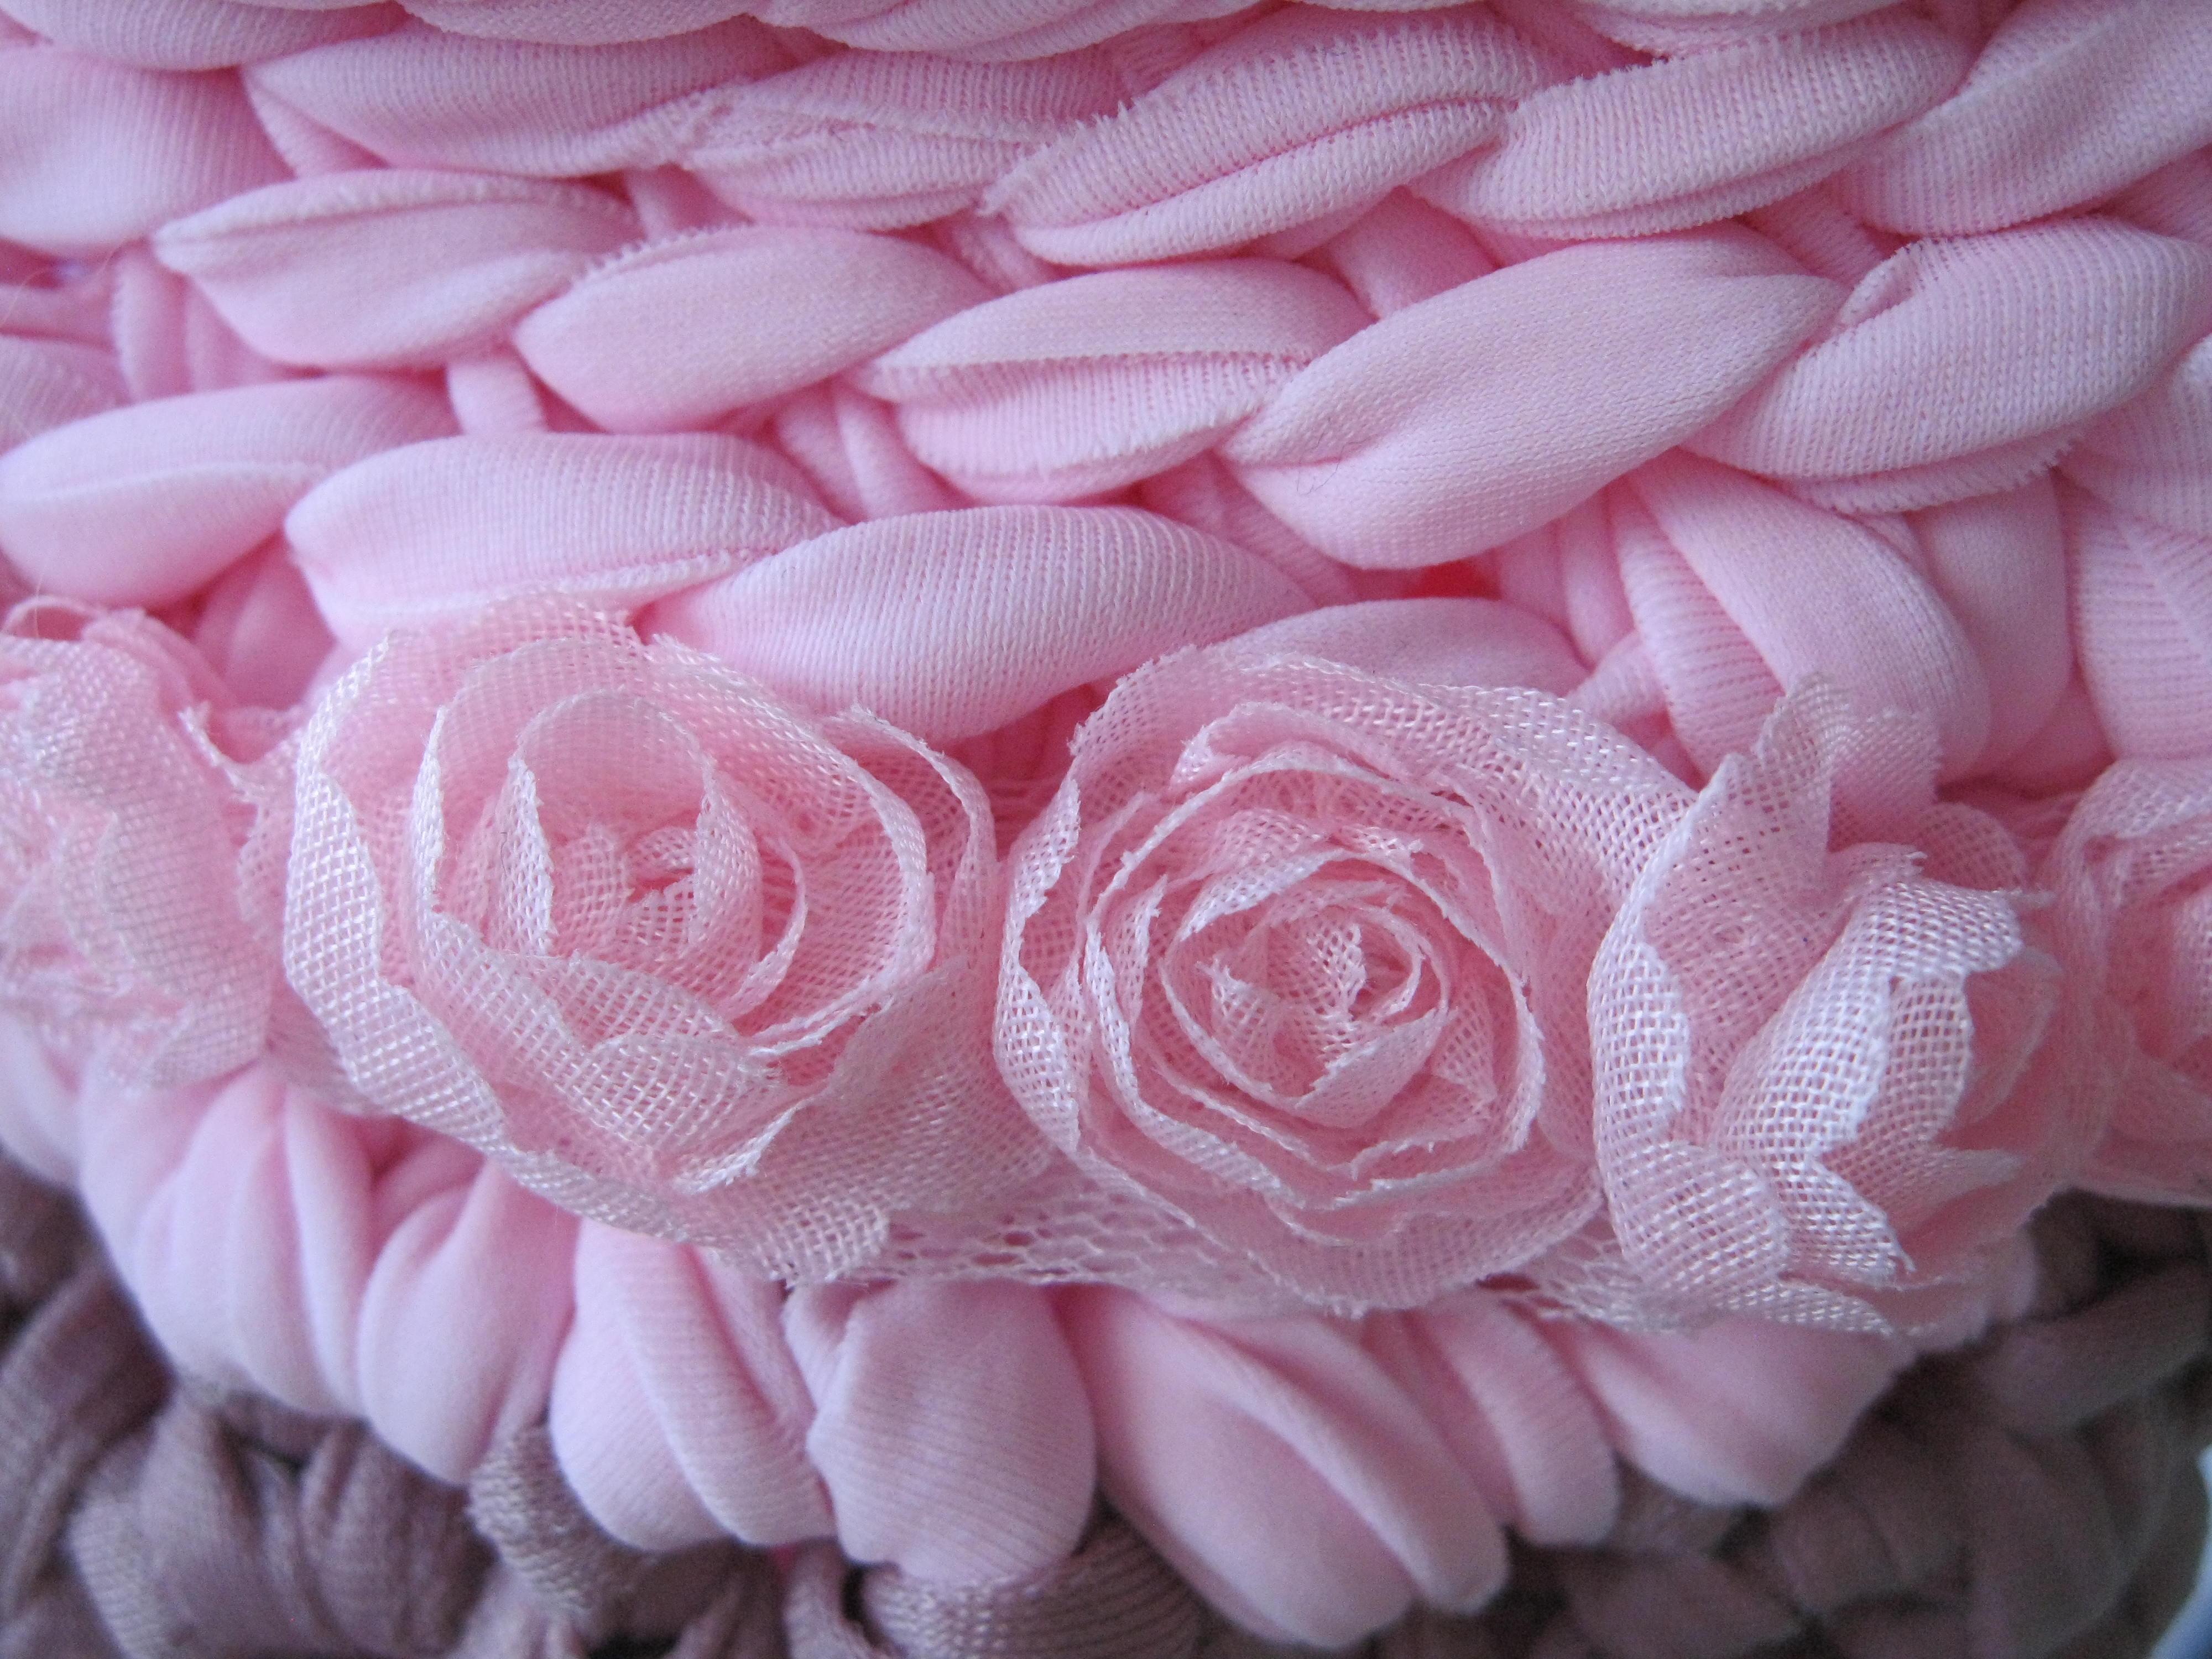 dettaglio rosa fettuccia